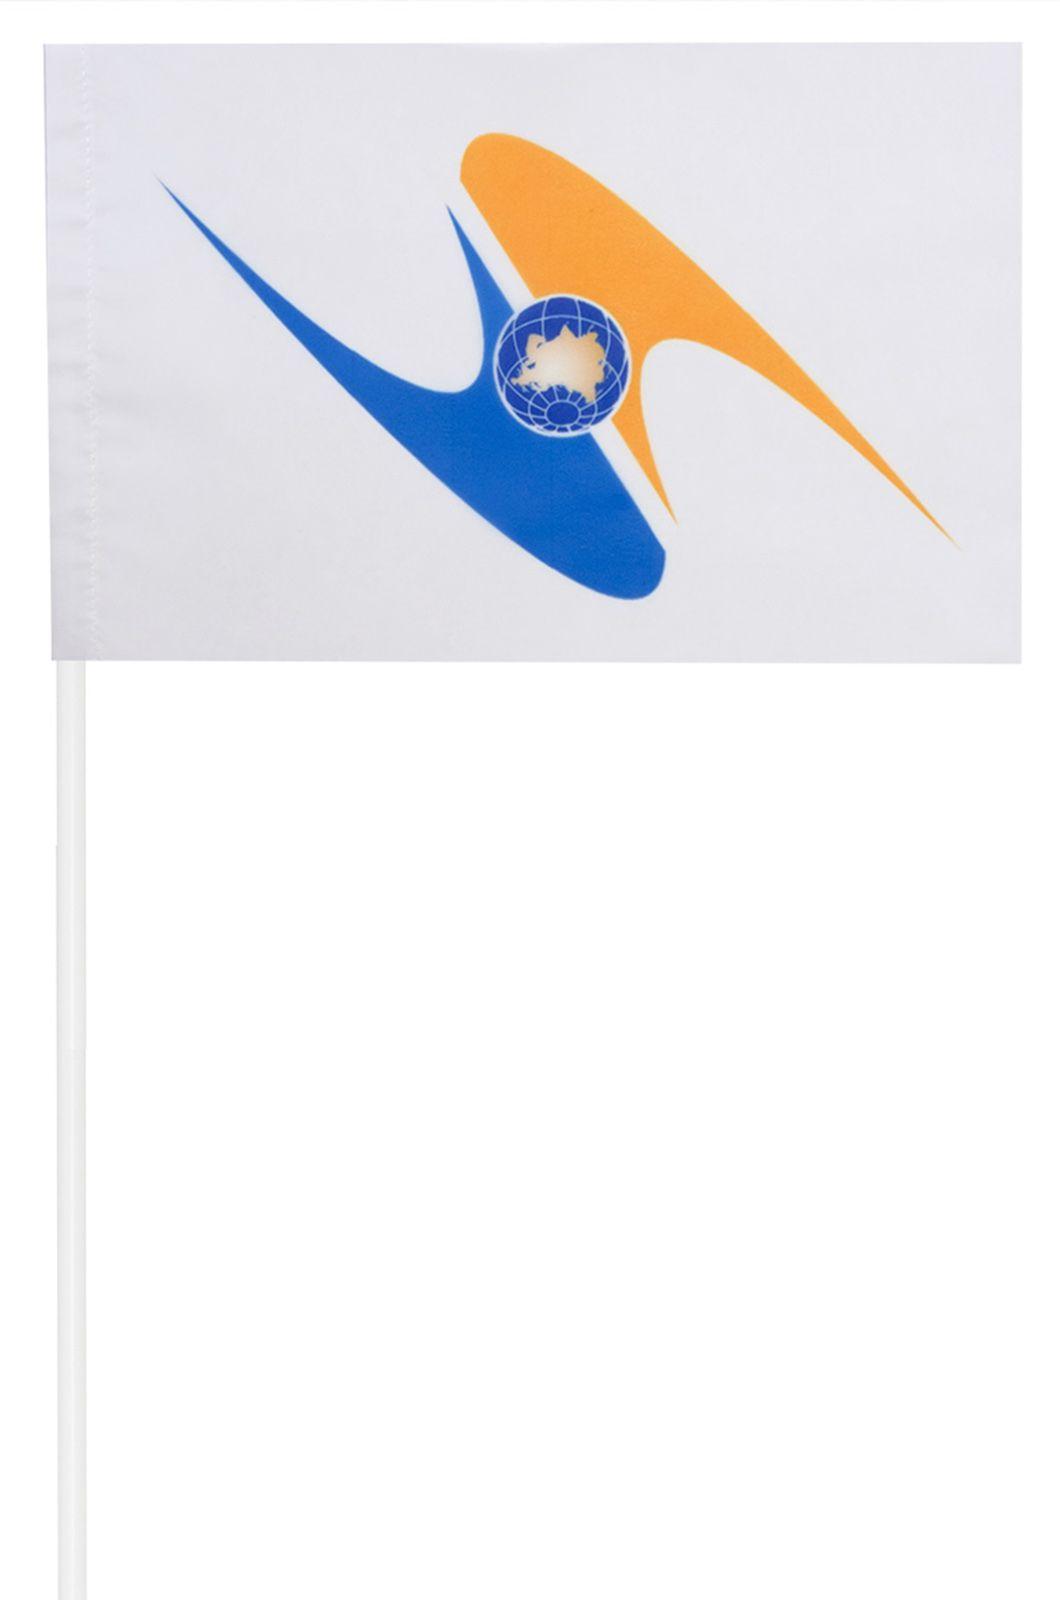 Флажок Евразийского Экономического Сообщества